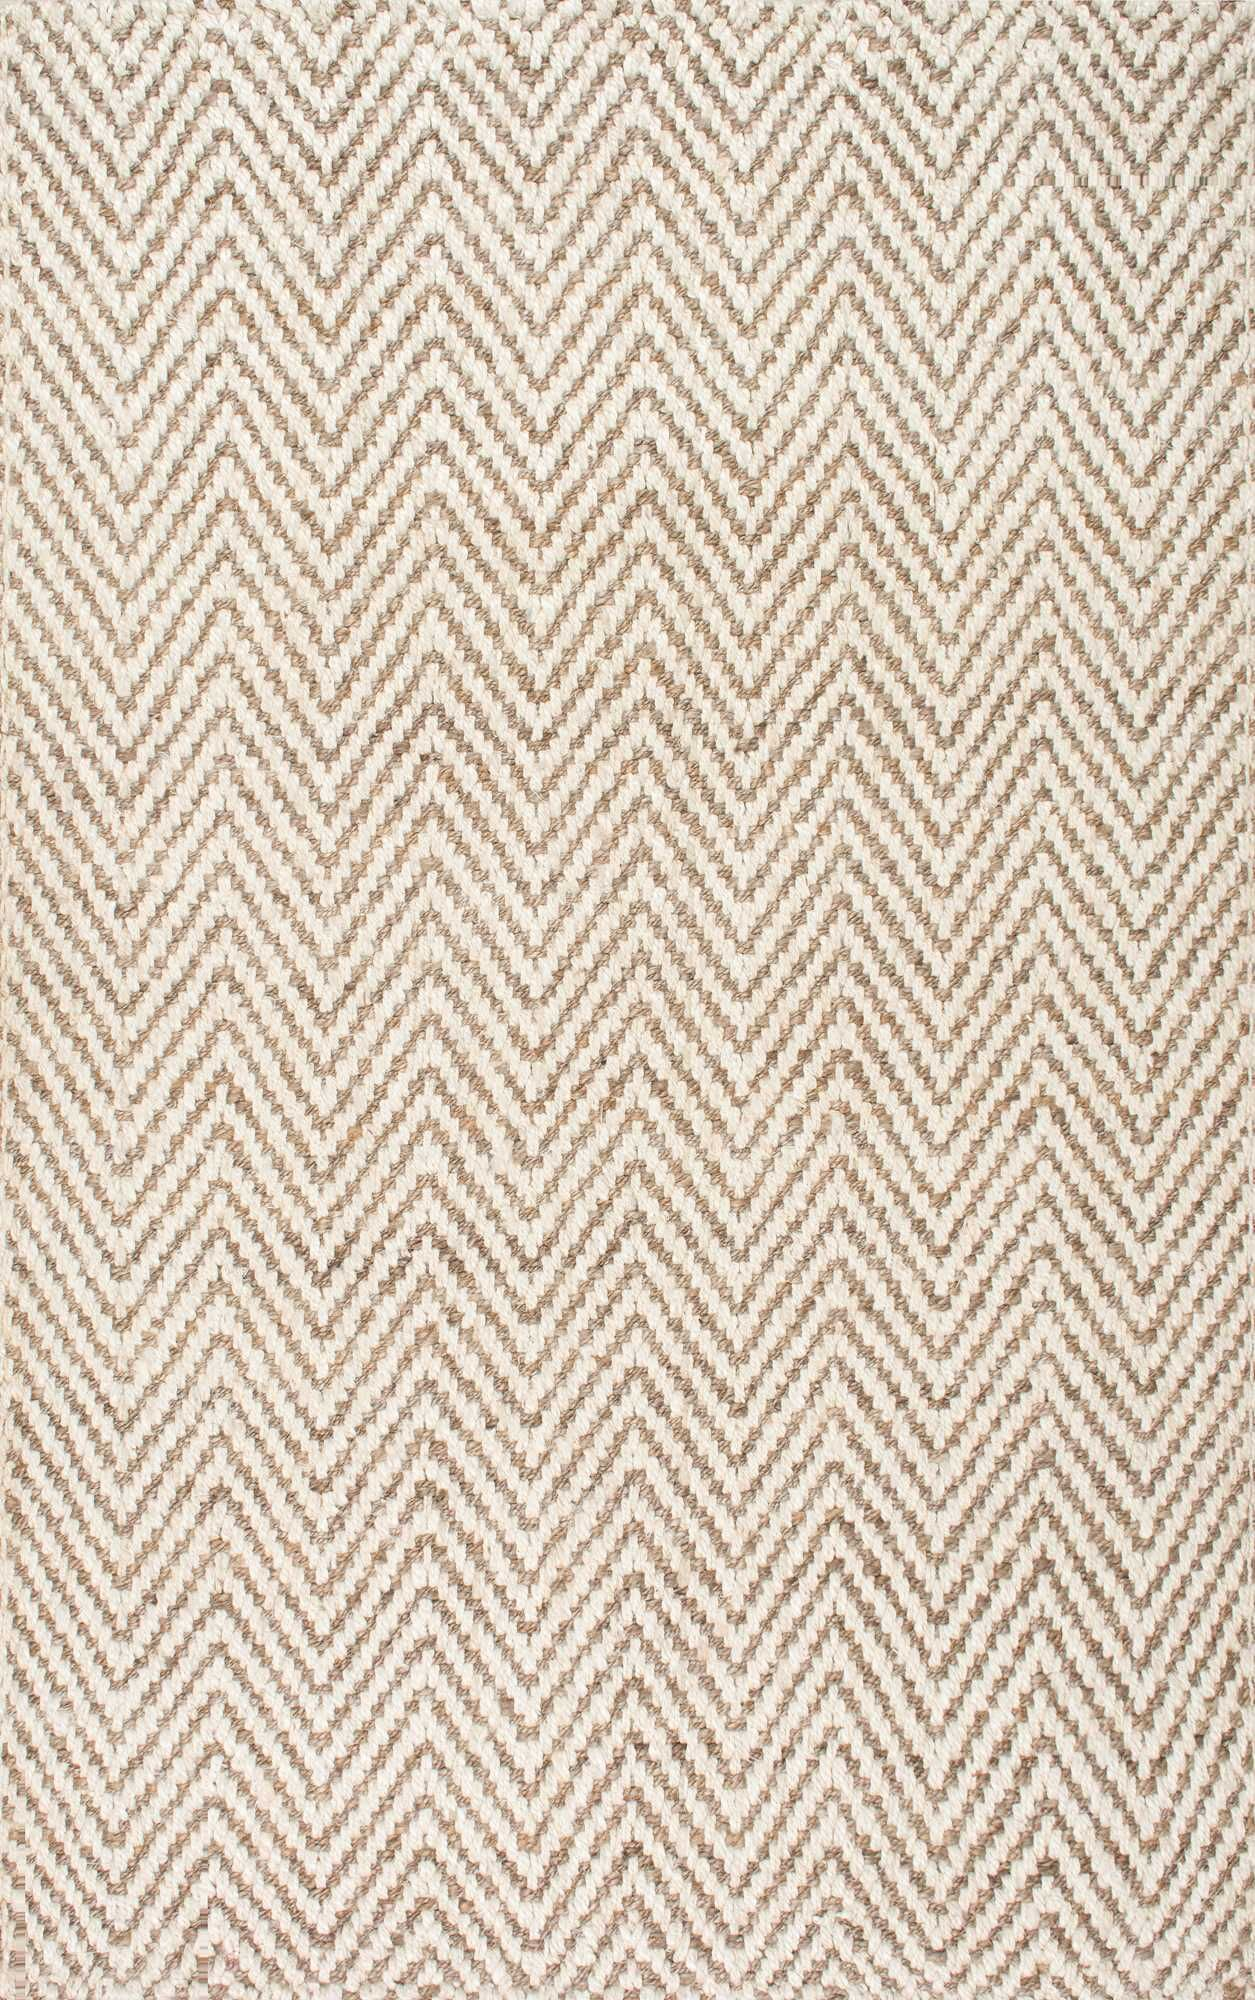 rug large chevron rugs size and white elegant for of navy black within blue round grey uncategorized